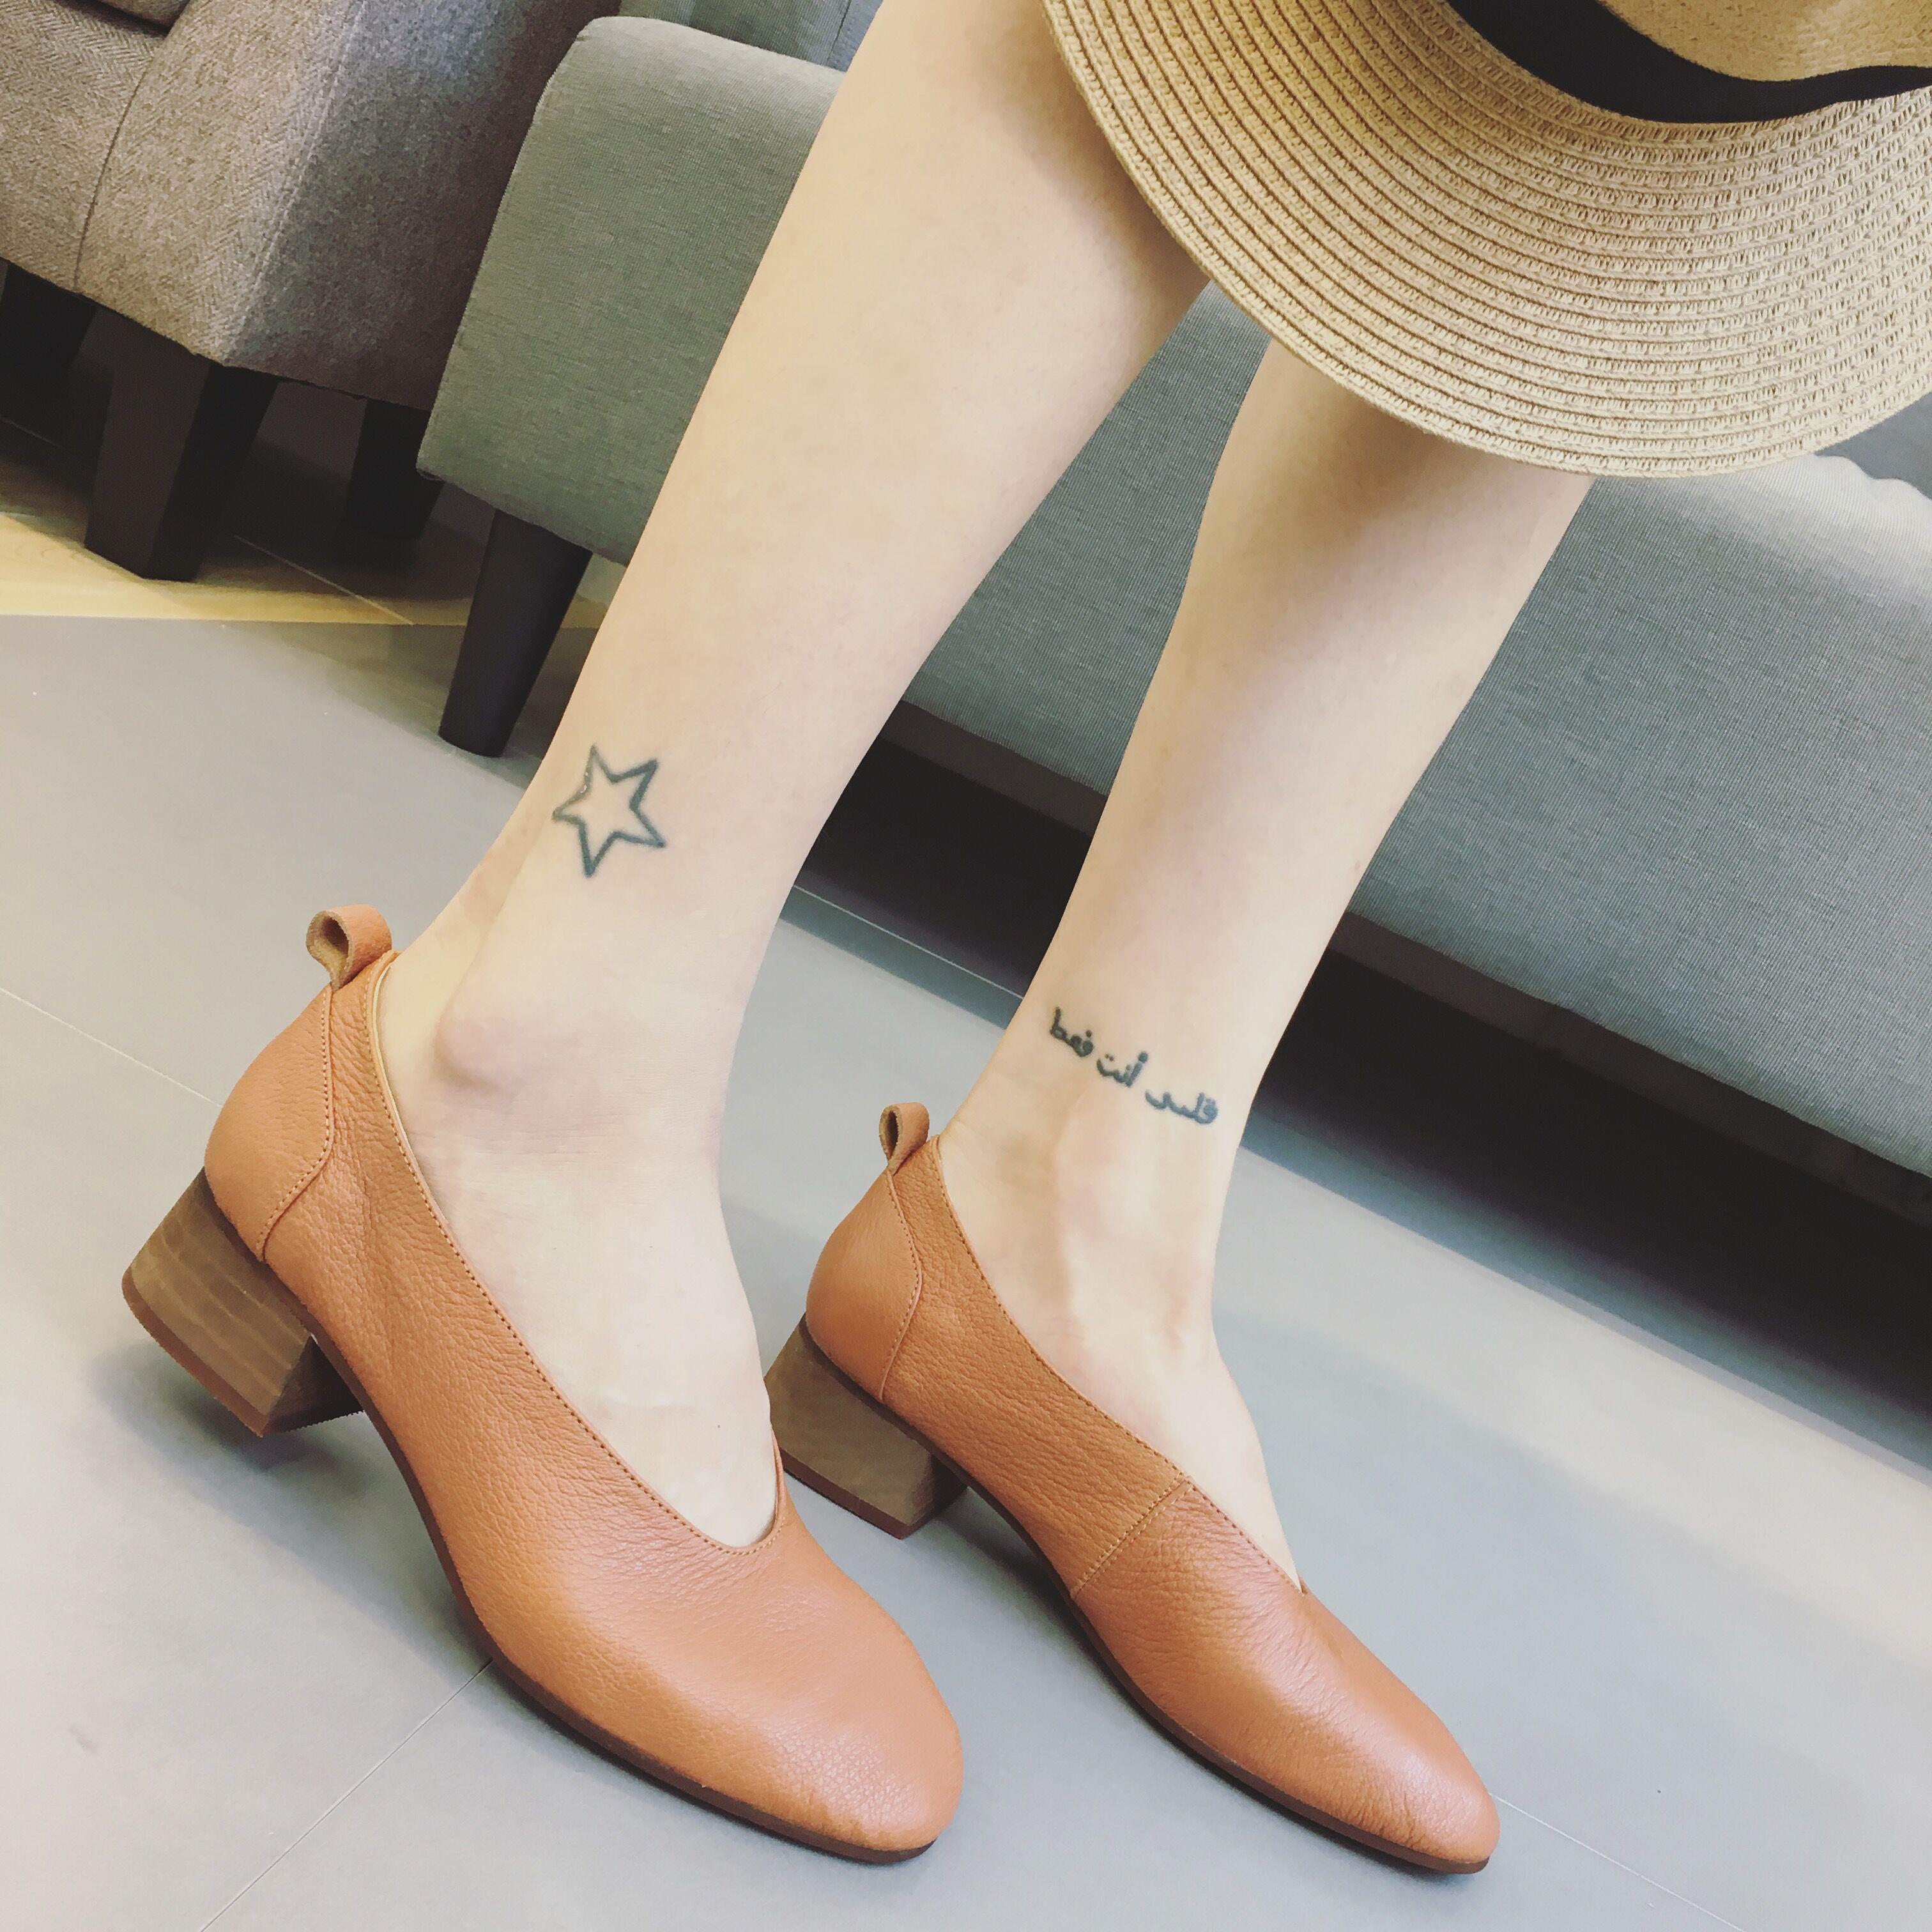 暖春踏青约会,从一双时髦的单鞋开始